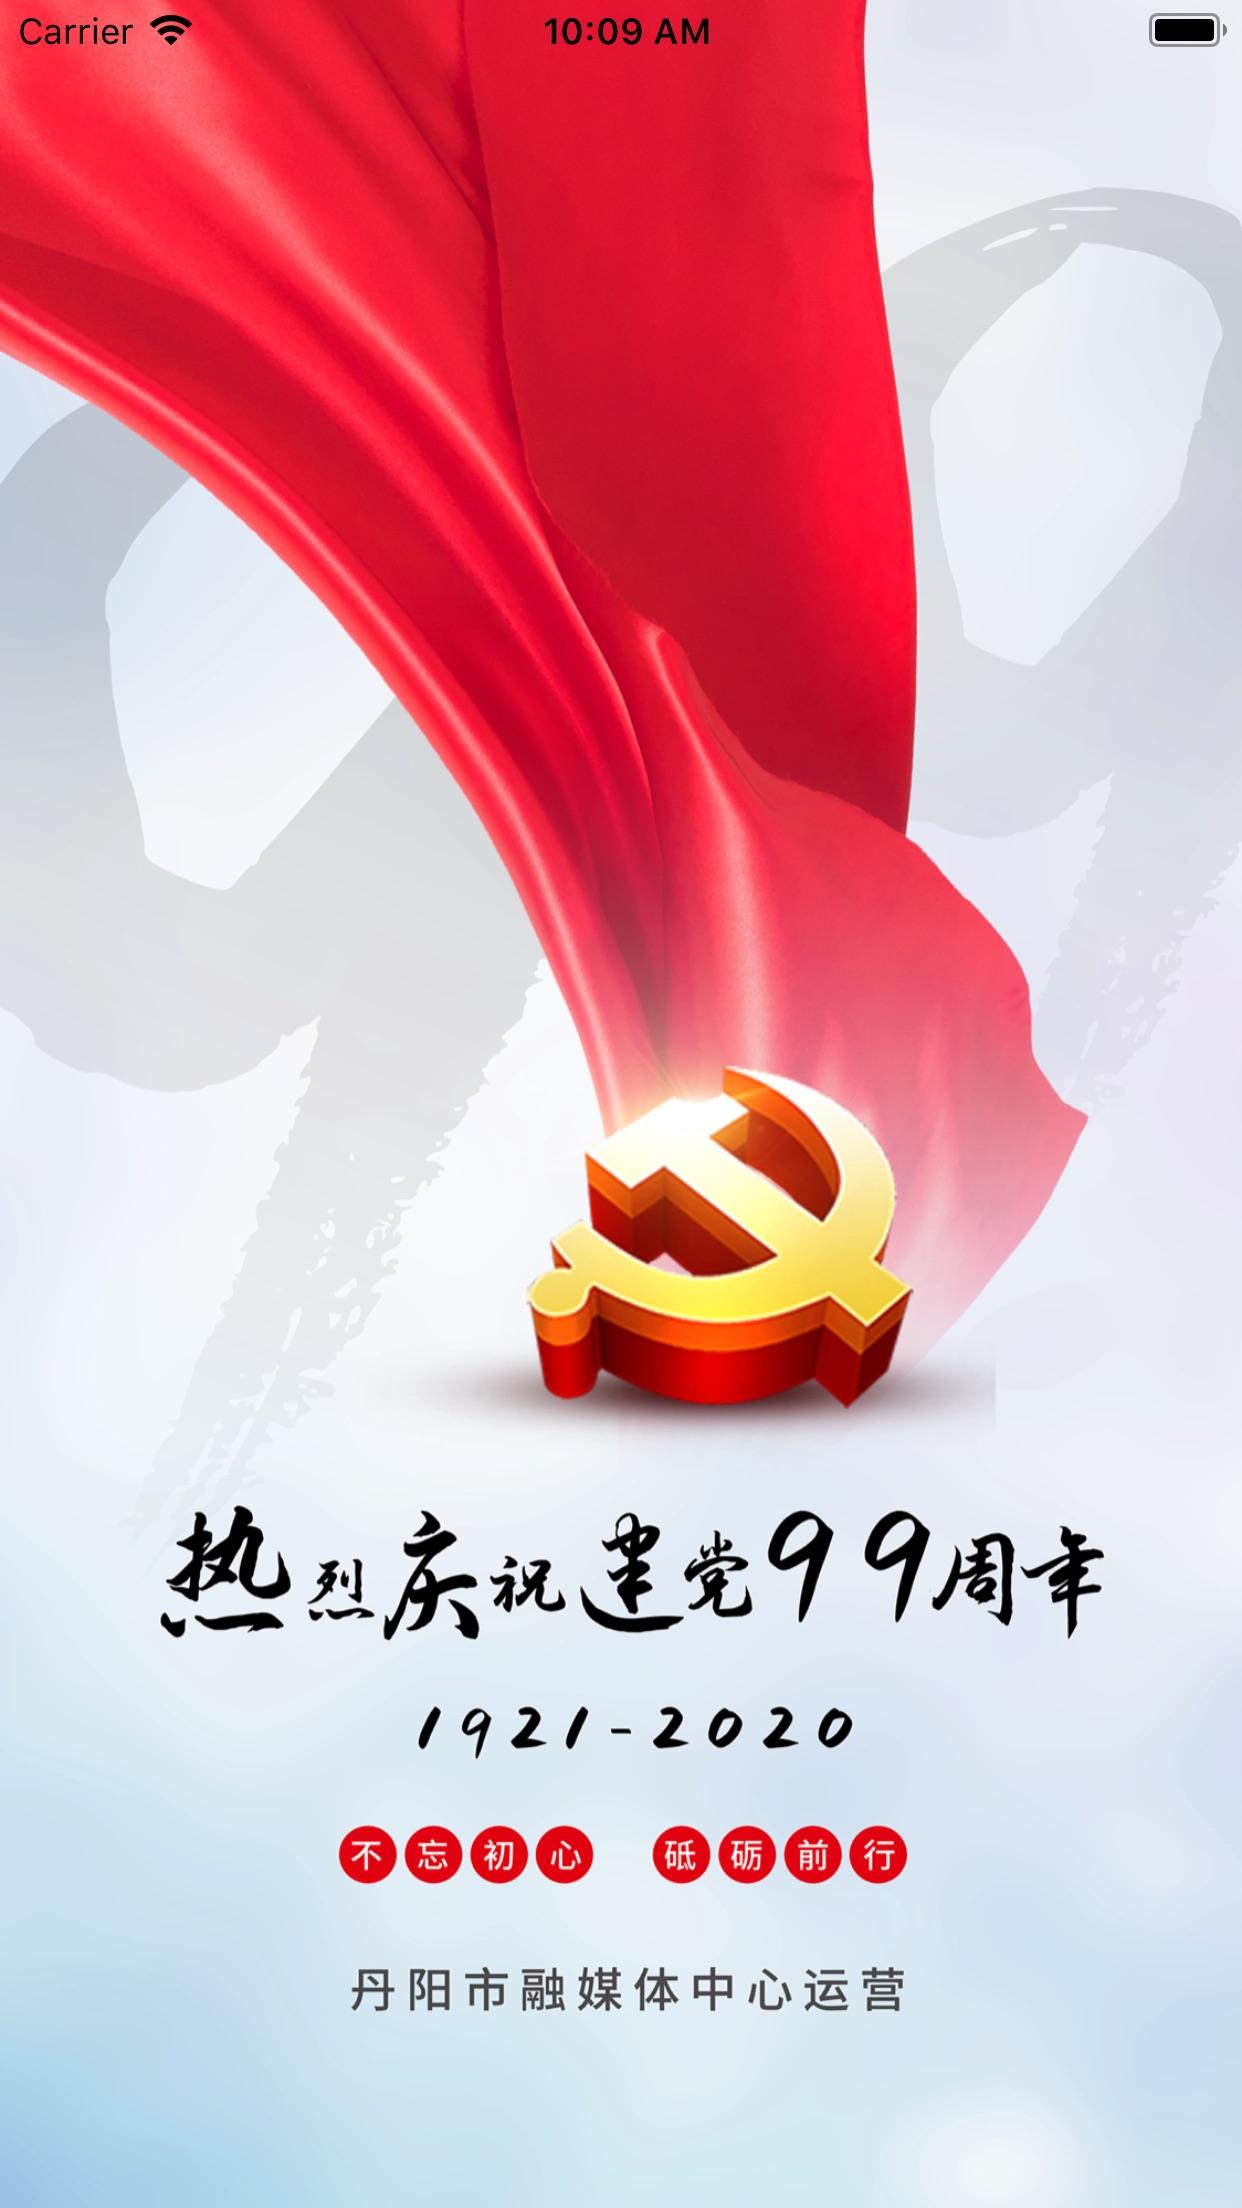 我的丹阳app官方客户端图4: